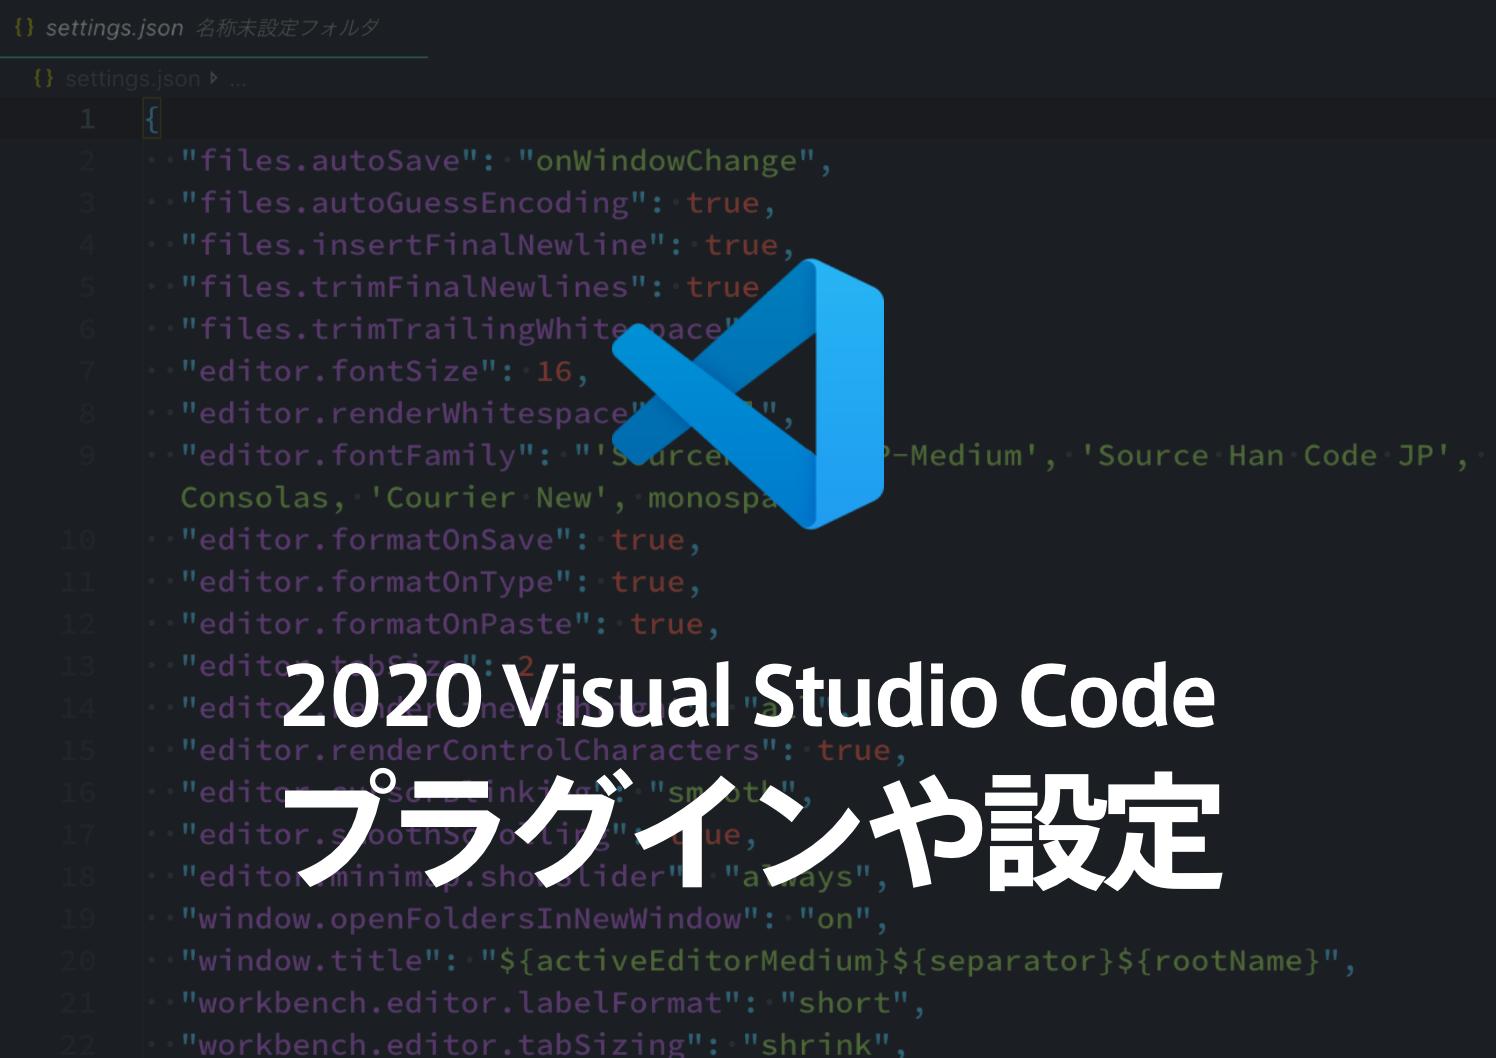 2020年時点で僕のVSCode(Visual Studio Code)に入ってるプラグインや設定を紹介します   Shibajuku